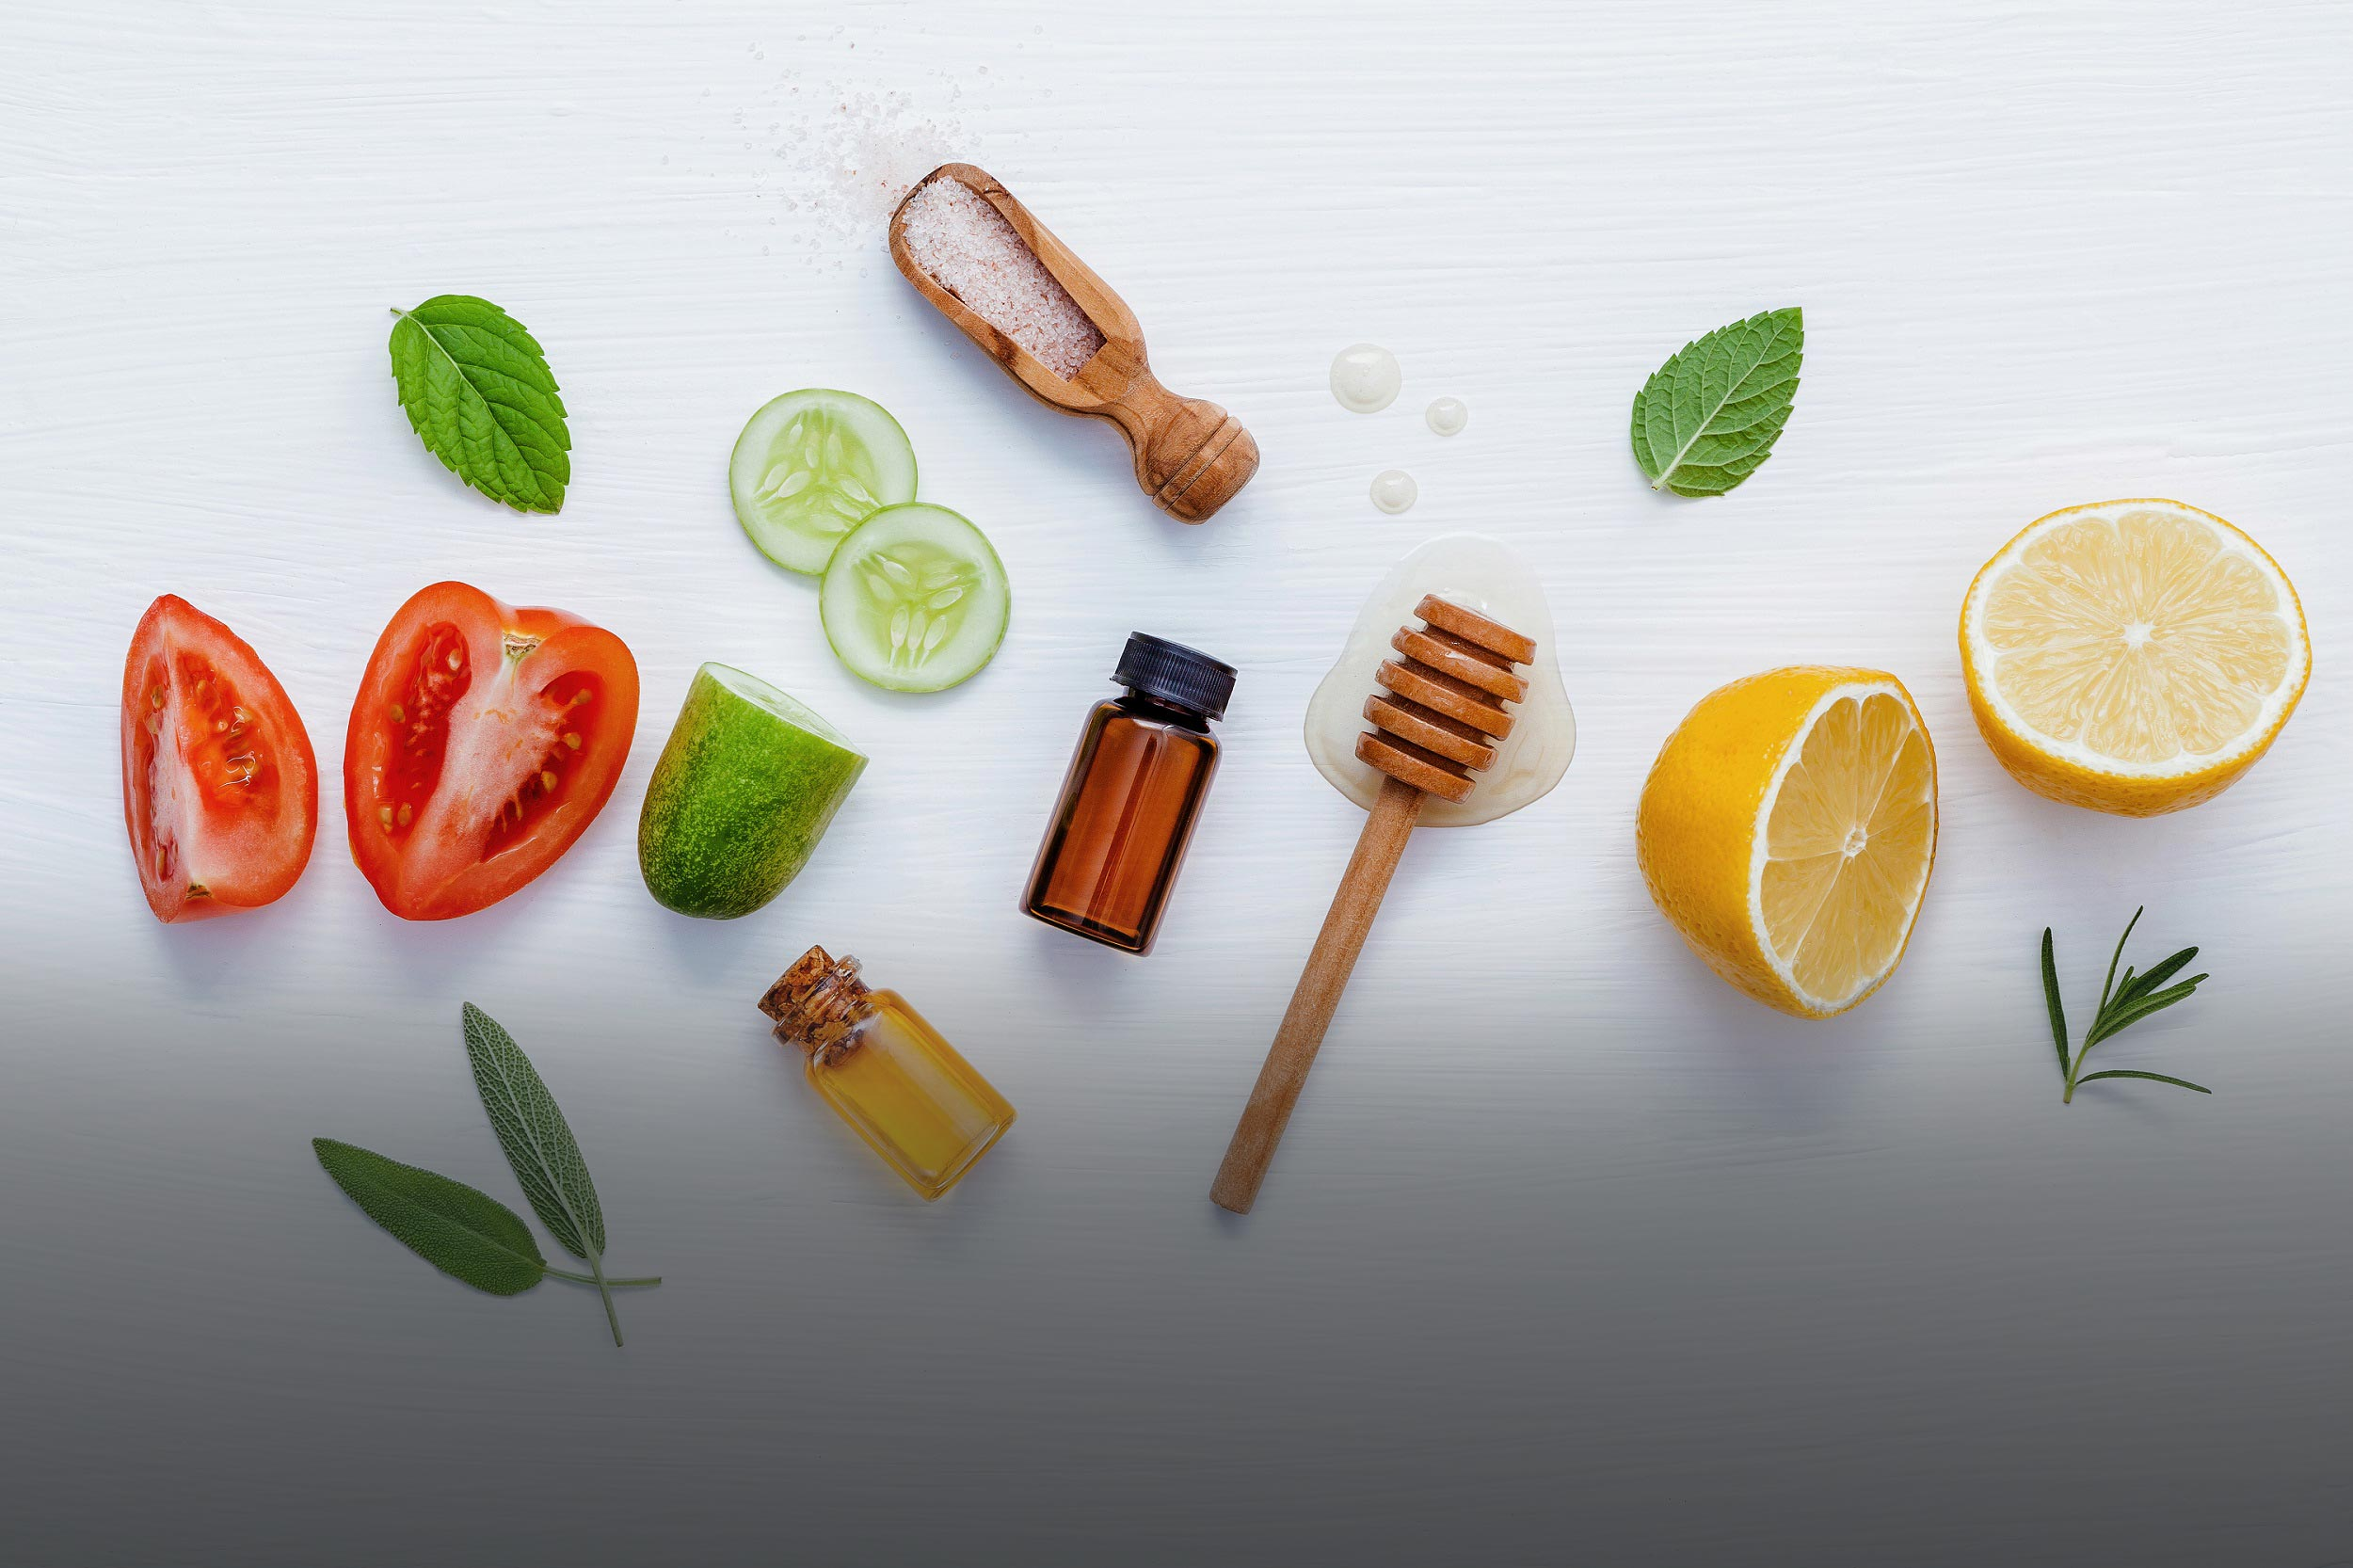 5 phương pháp trị mụn từ thiên nhiên đơn giản hiệu quả nhất